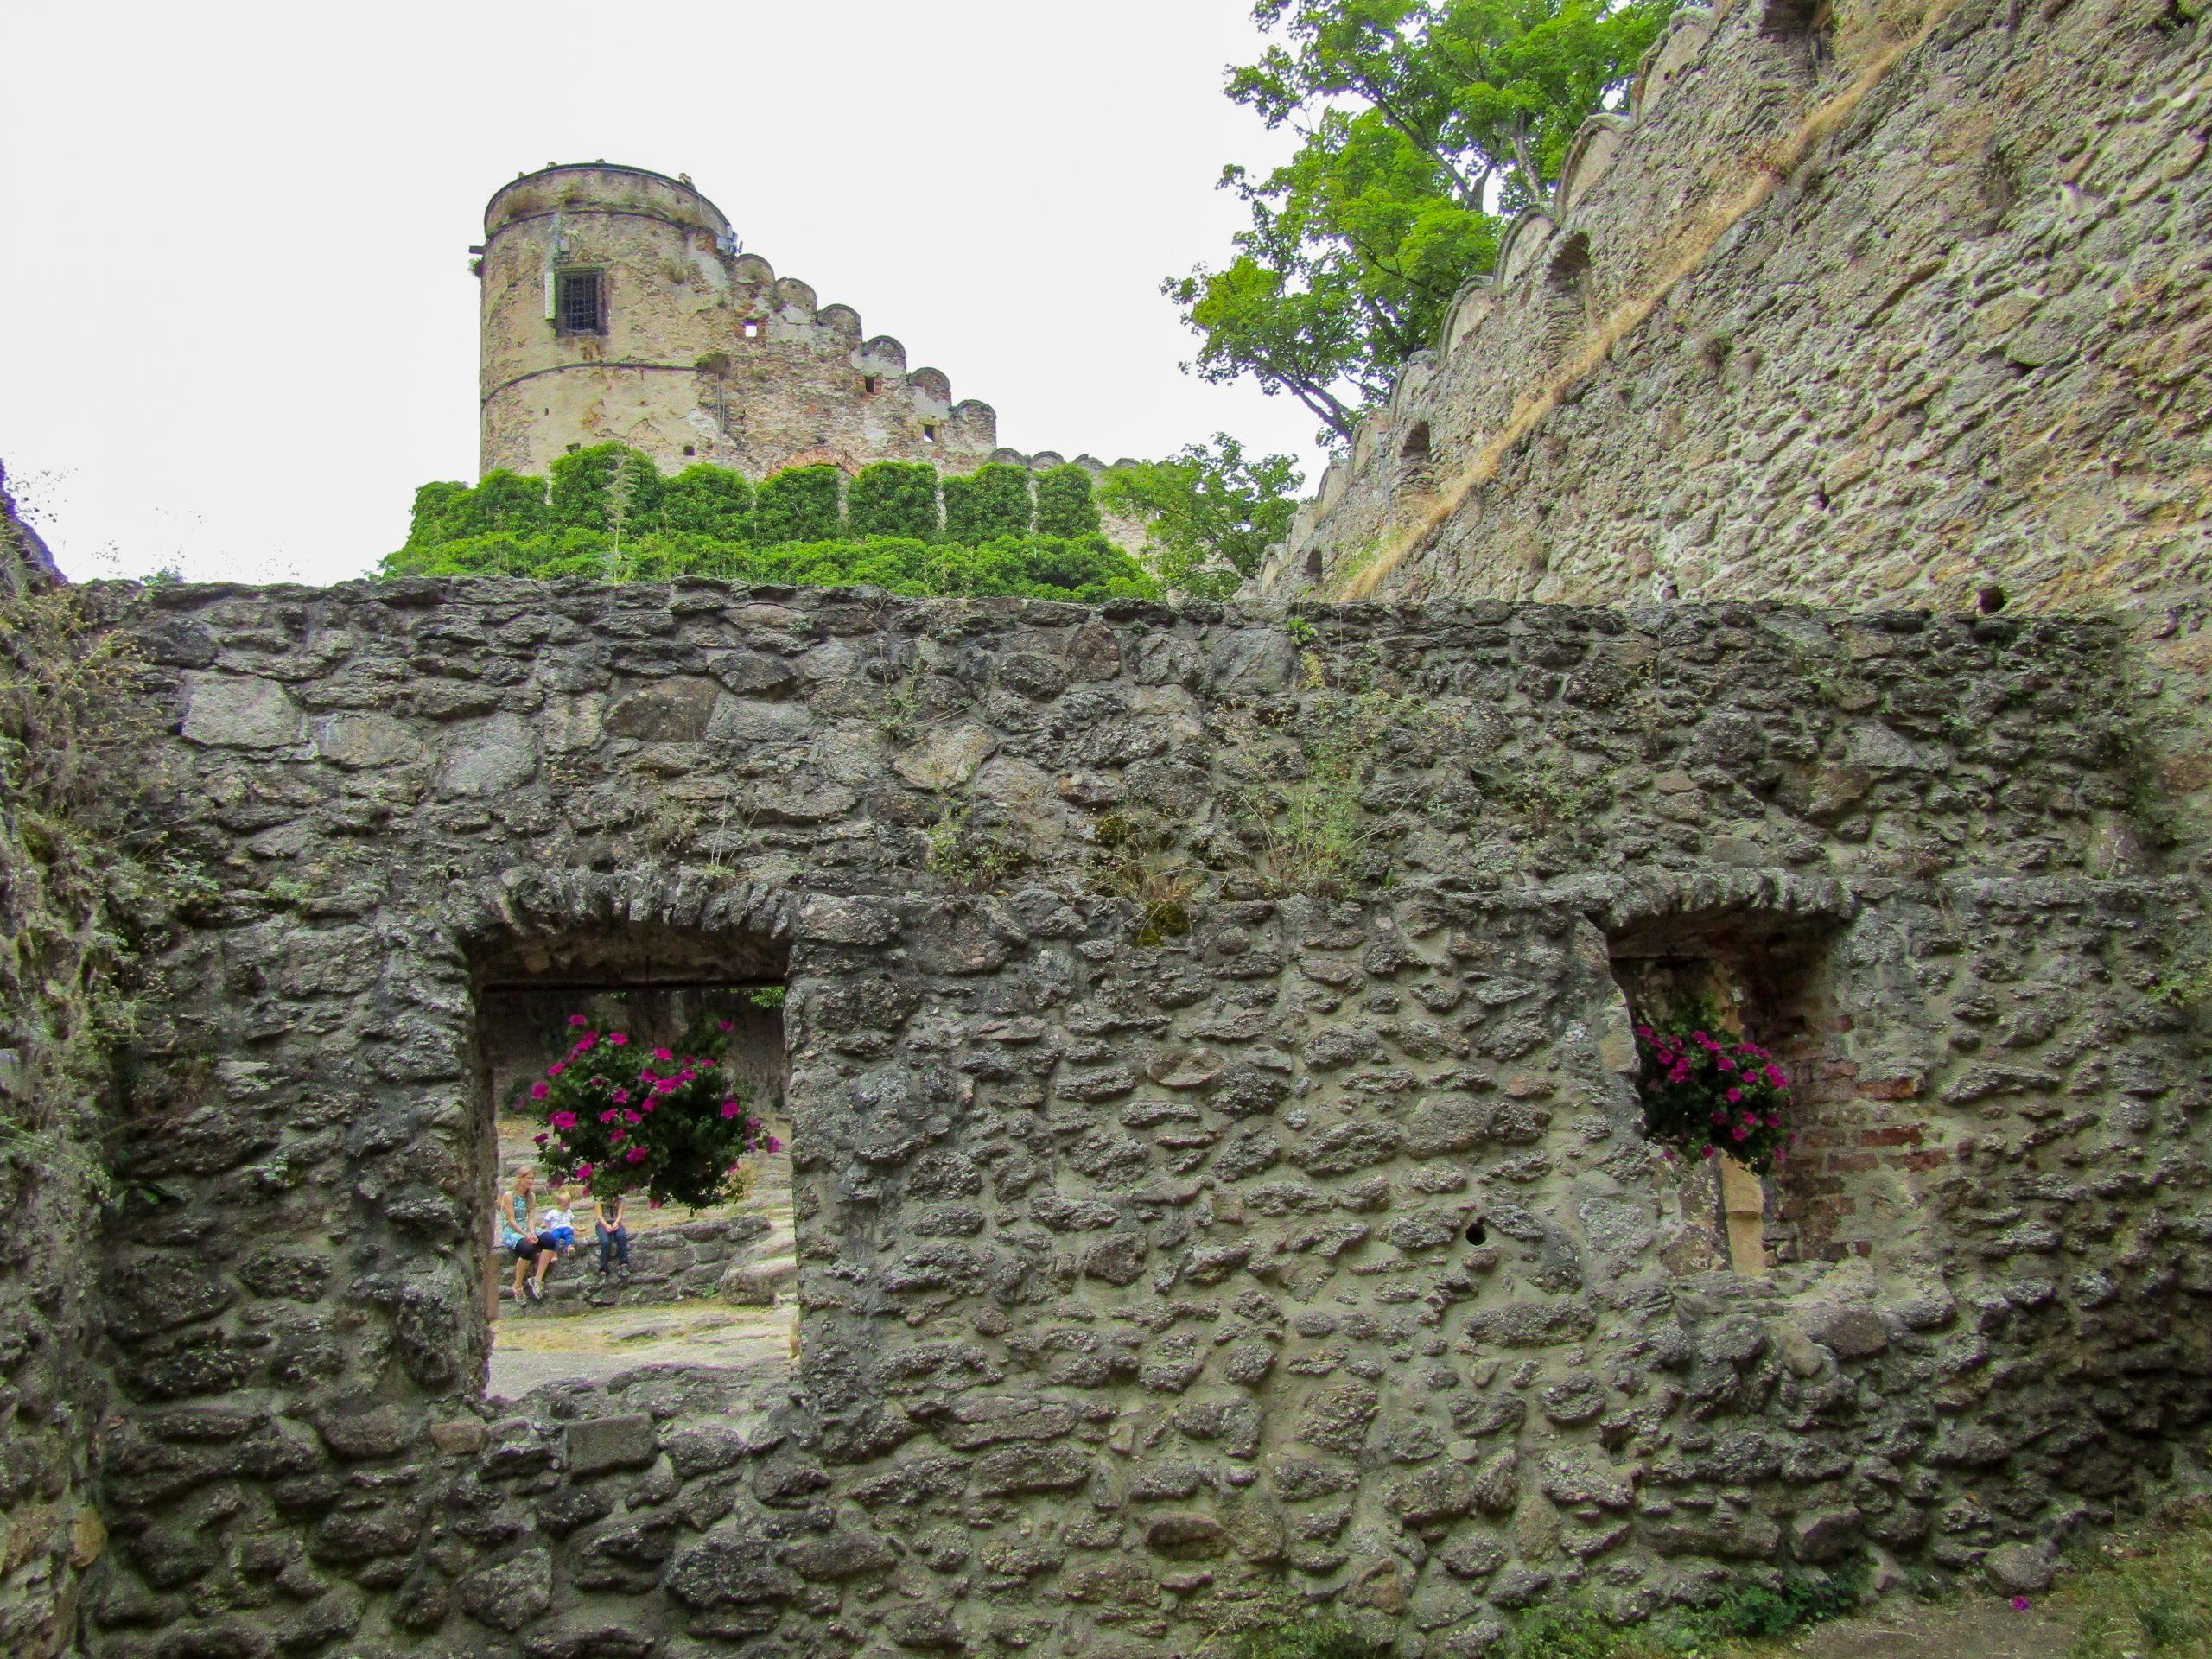 Architectural Detail of Chojnik Castle in Jelenia Gora, Poland